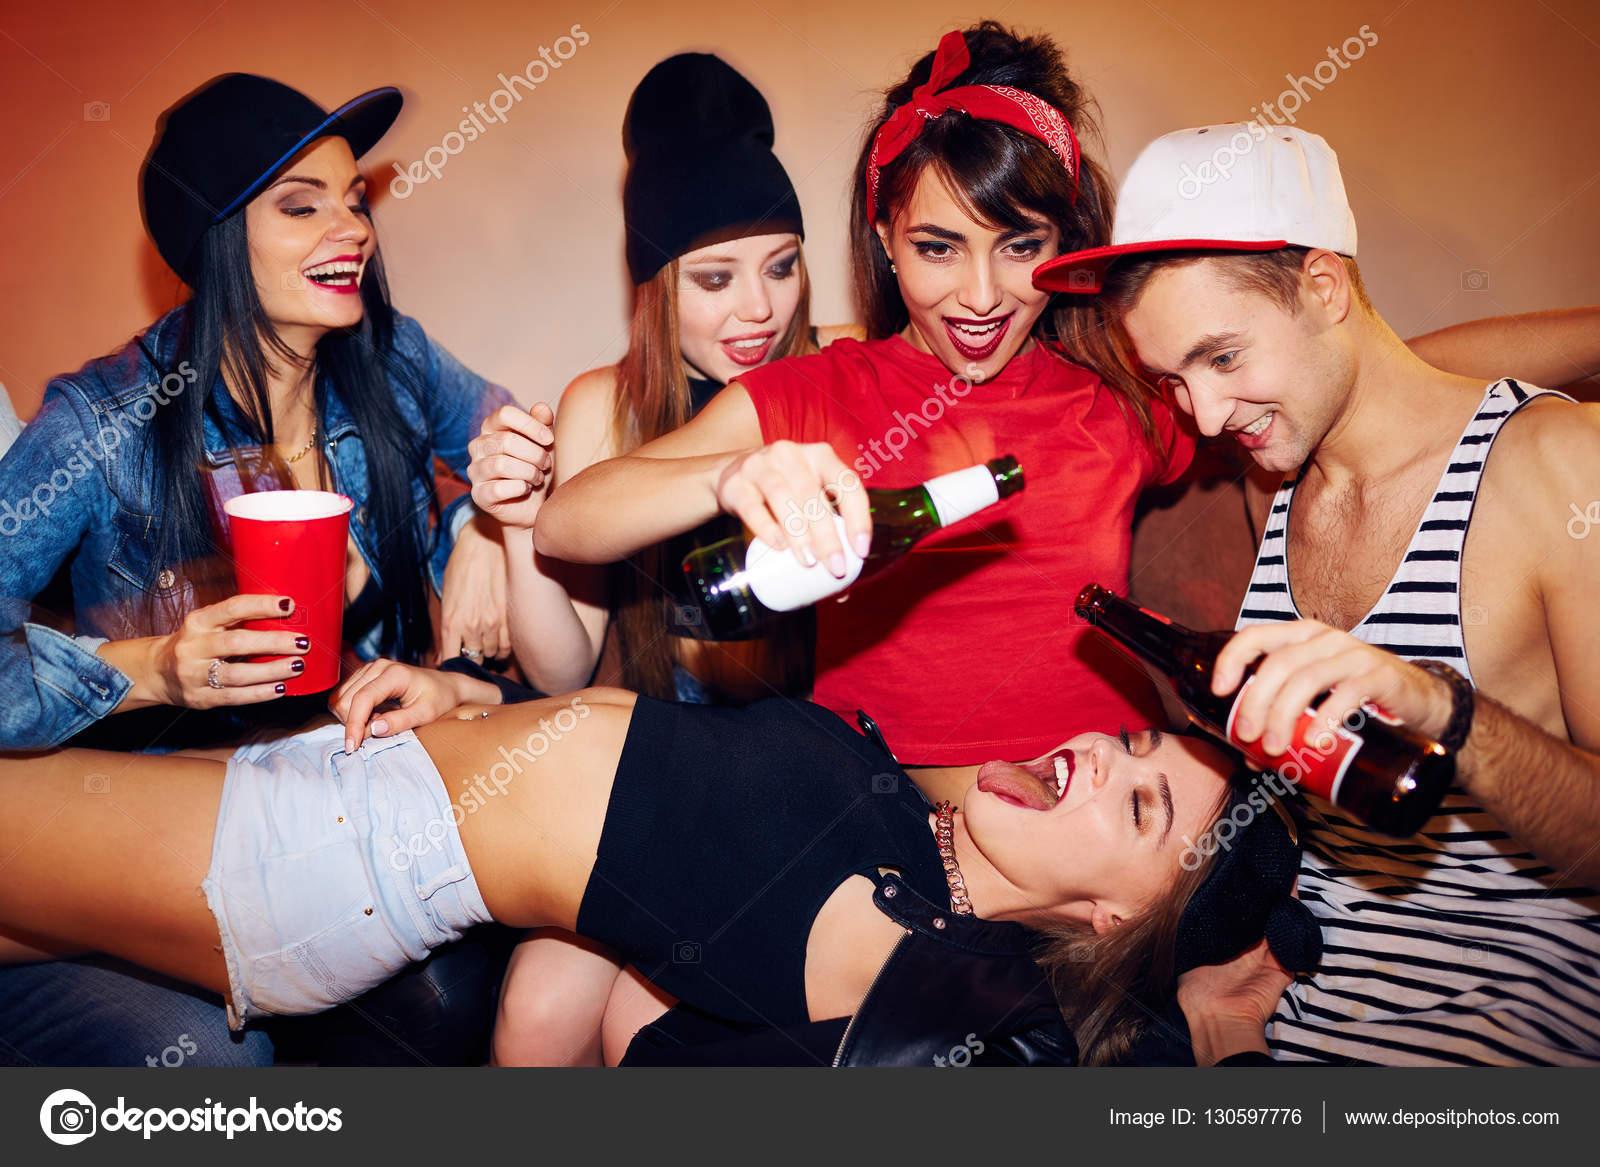 Русские студенты на секс вечеринке, Русские порно вечеринки: смотреть секс видео онлайн 22 фотография